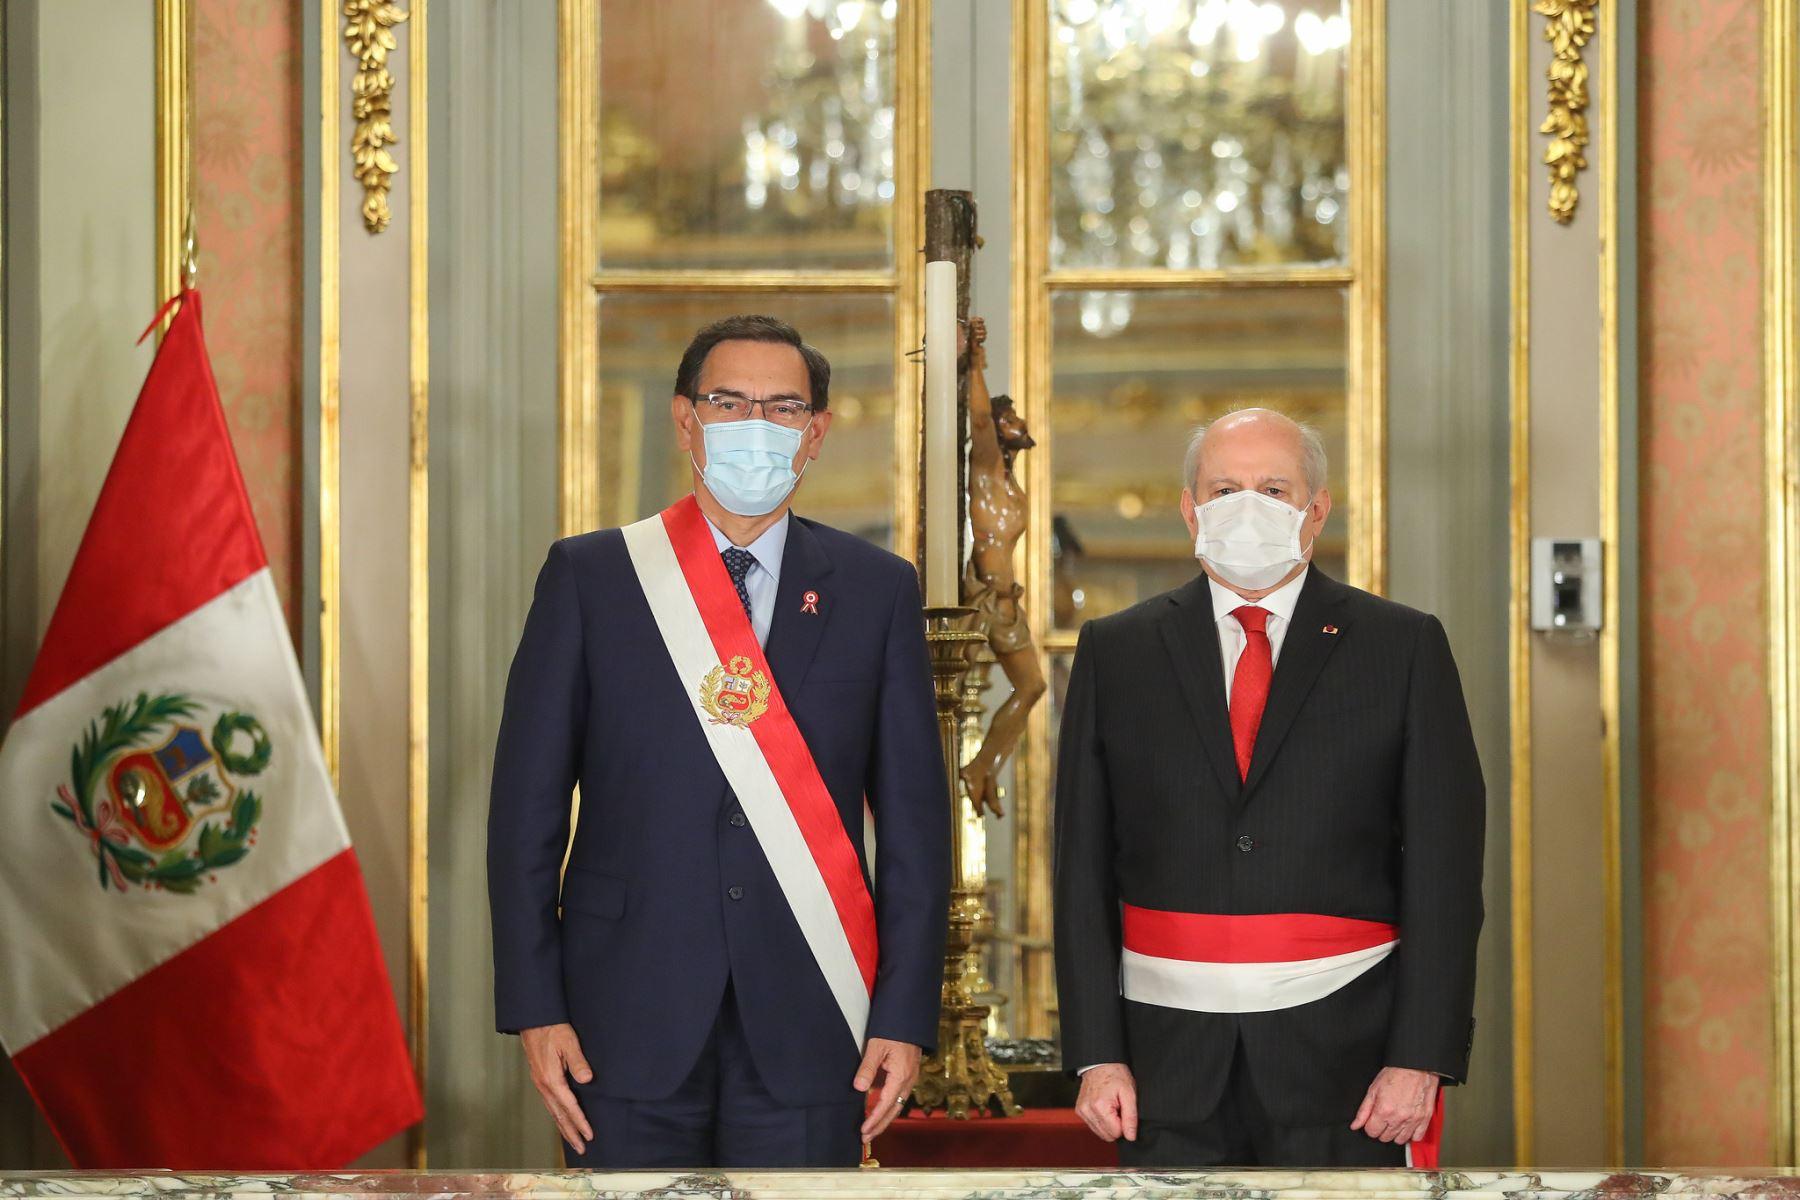 Presidente Martín Vizcarra toma juramento de Pedro Cateriano como primer ministro de Estado. Foto: ANDINA/Prensa Presidencia